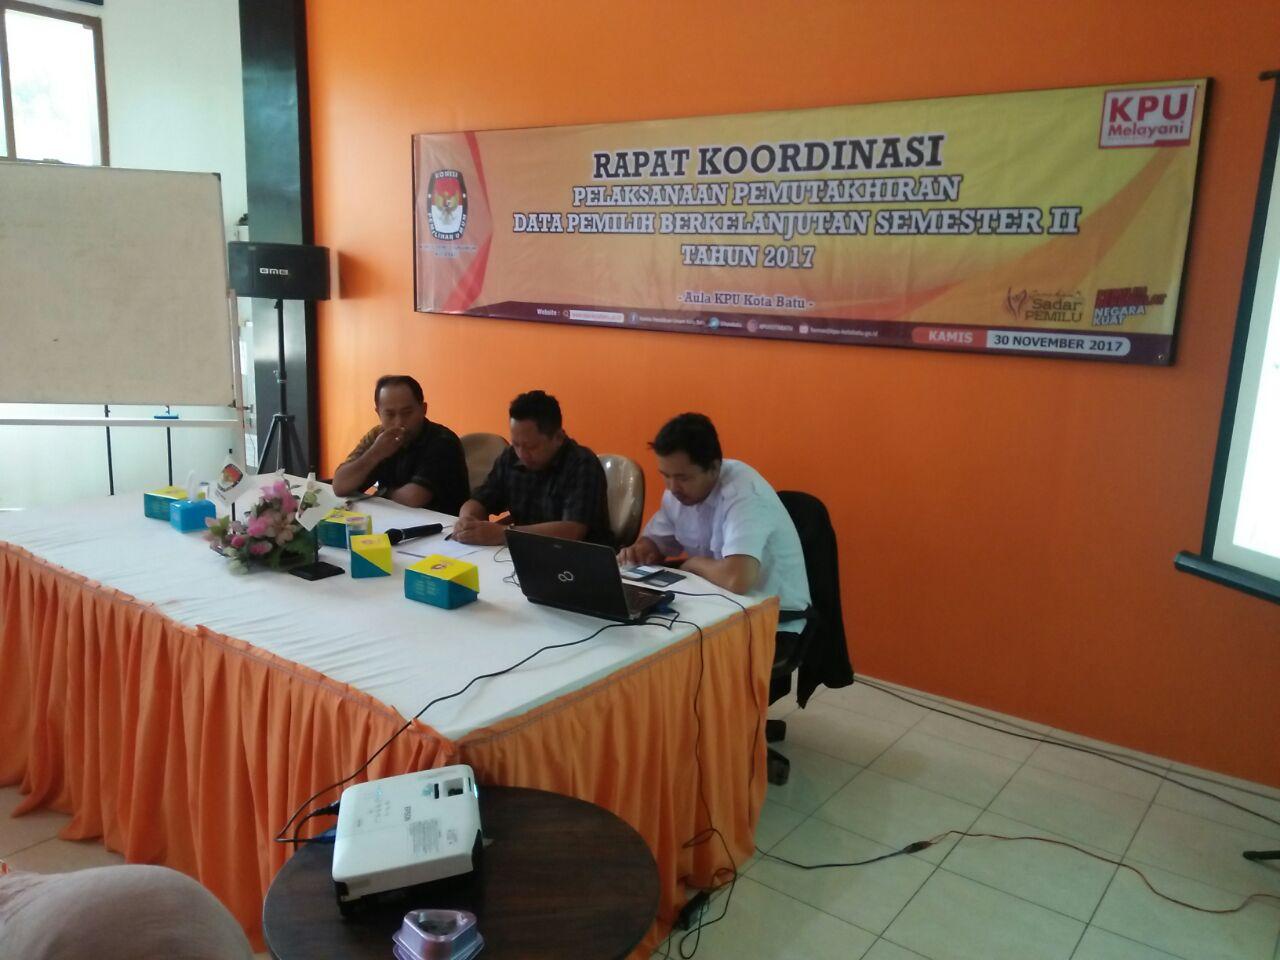 Polsek junrejo Polres Batu amankan pelaksanaan pemutakiran data pemilih berkelanjutan tahun 2017 di kantor KPUD Batu.